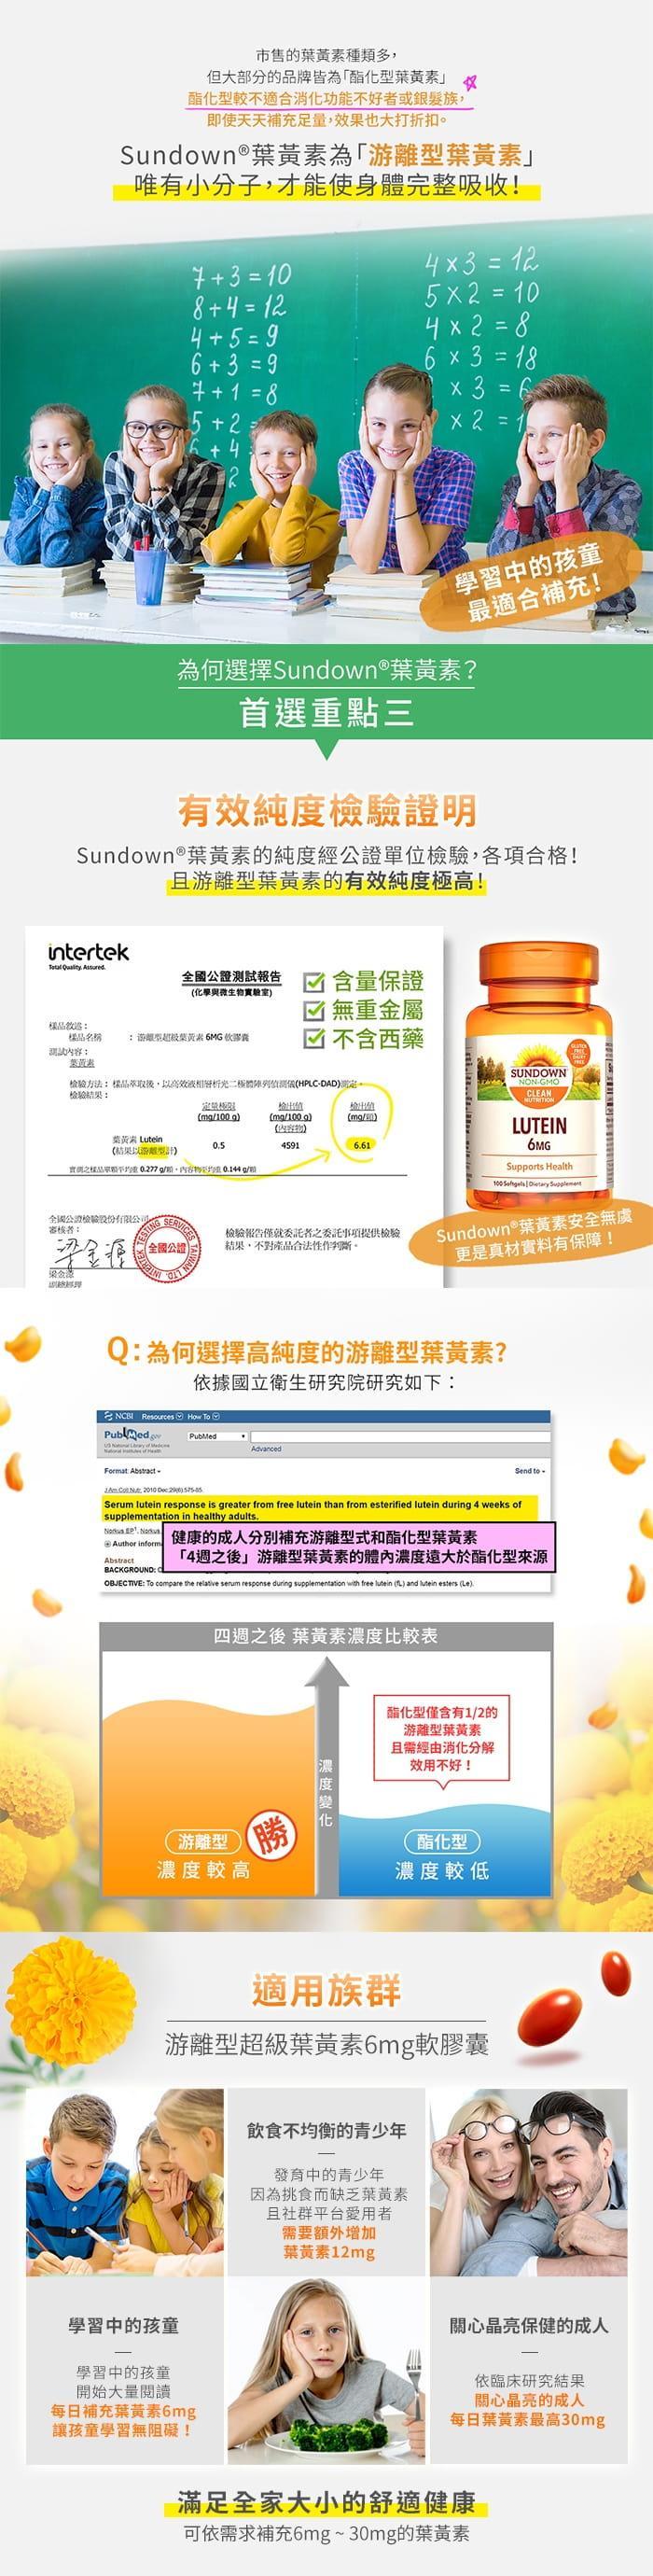 Sundown日落恩賜-游離型超級葉黃素6mg軟膠囊(100粒)產品資訊